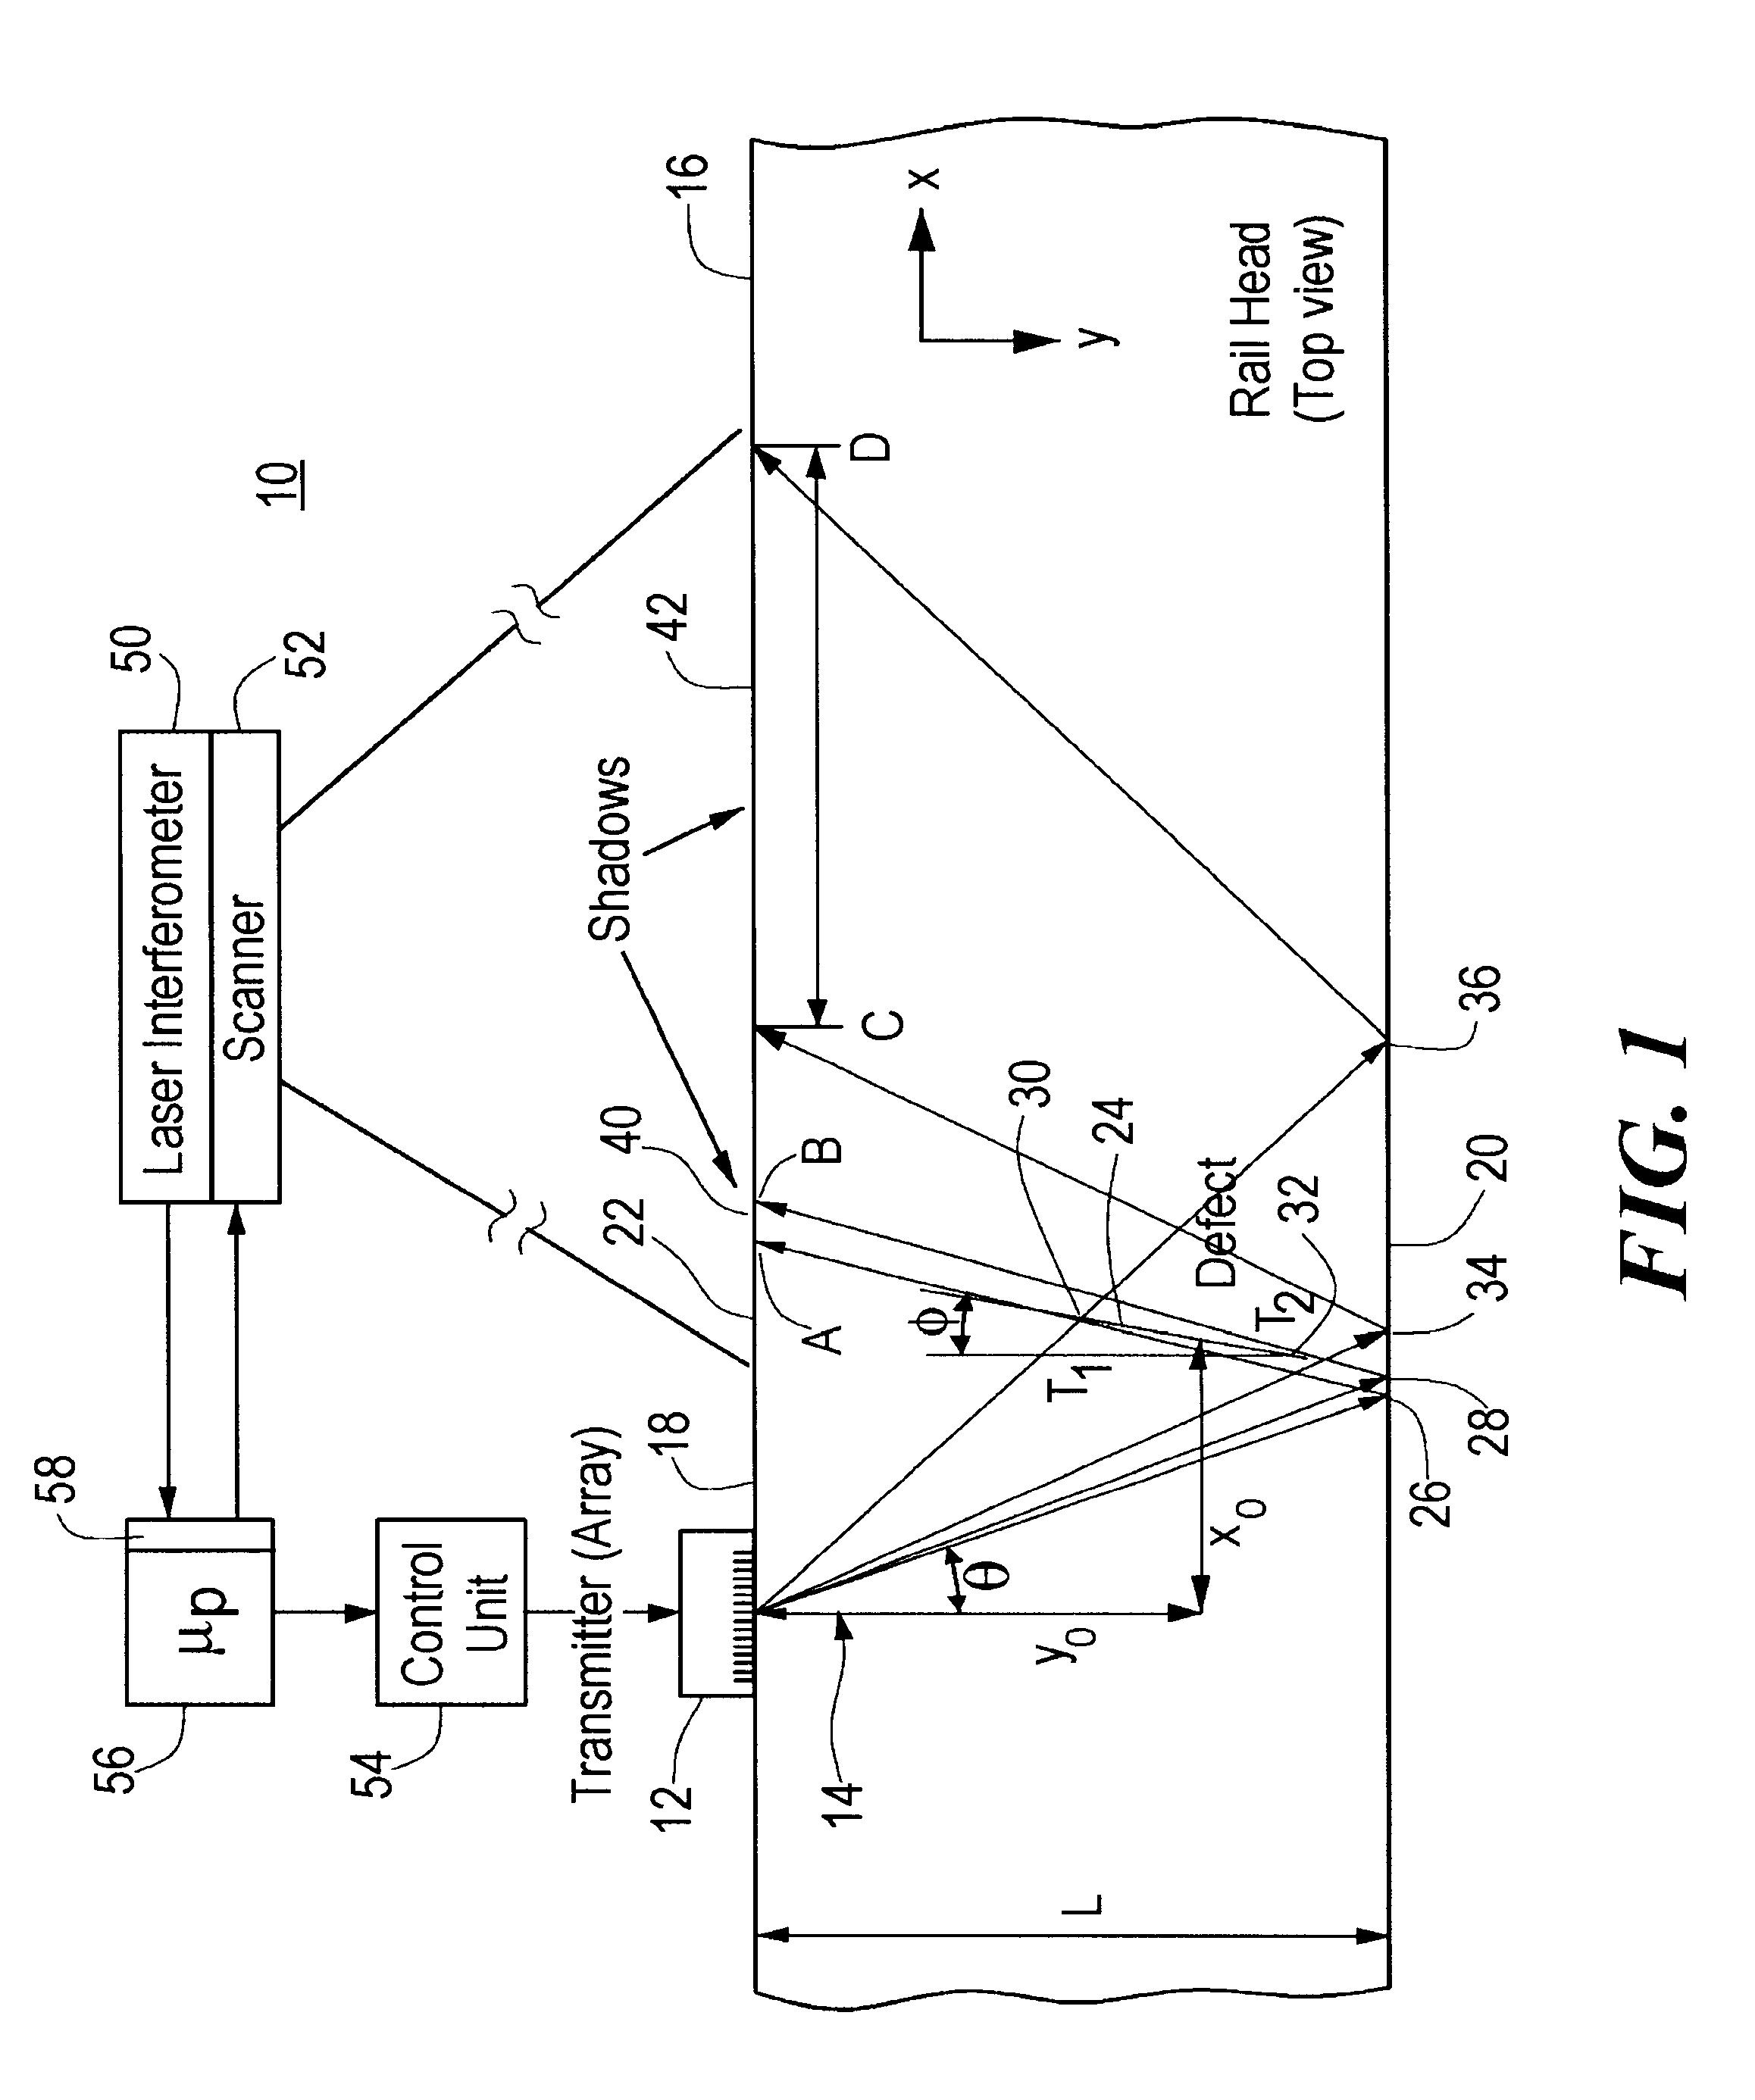 patent us6382028